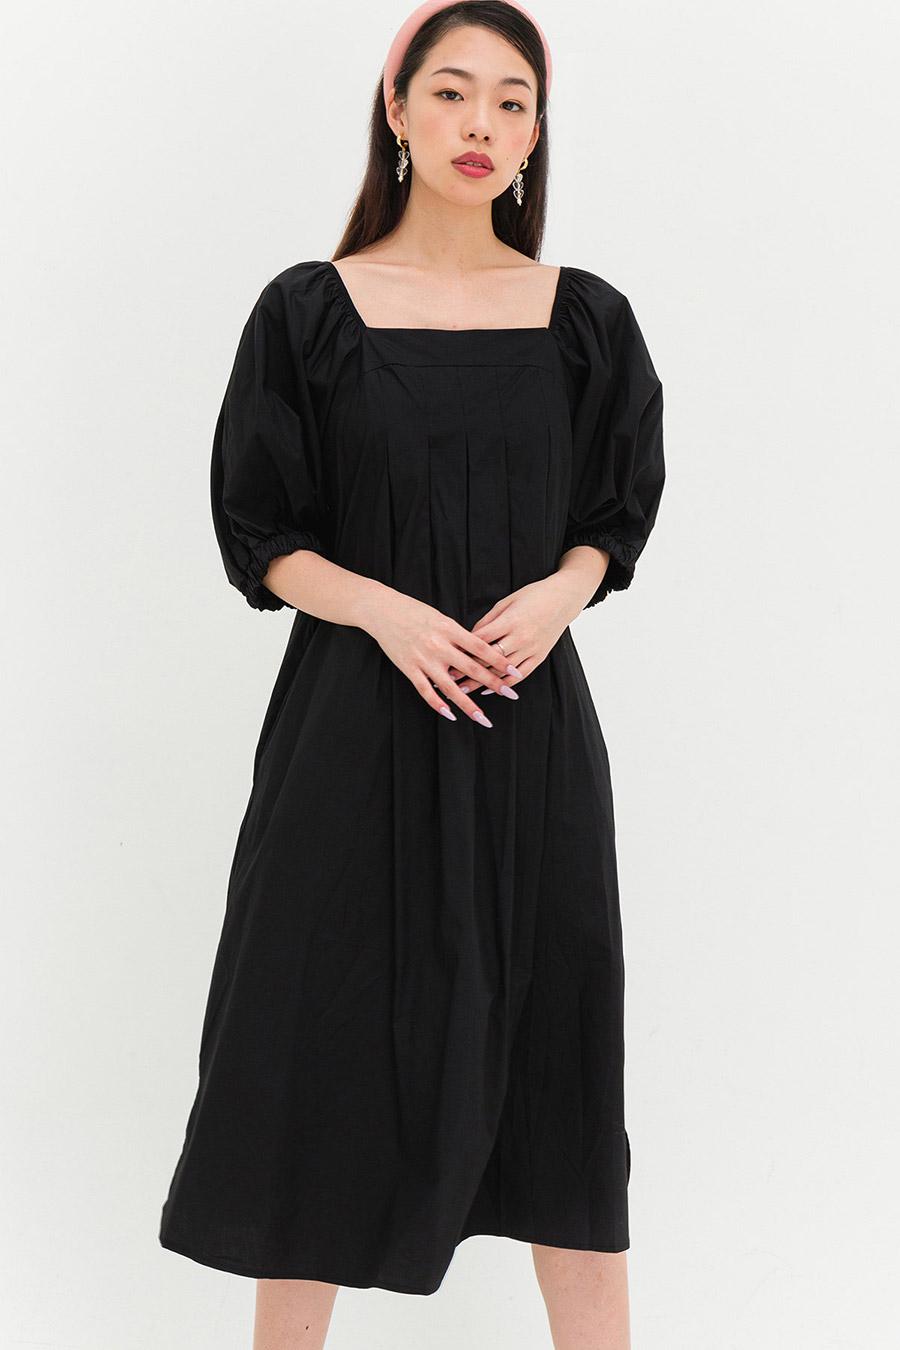 KIMBERLY DRESS - NOIR